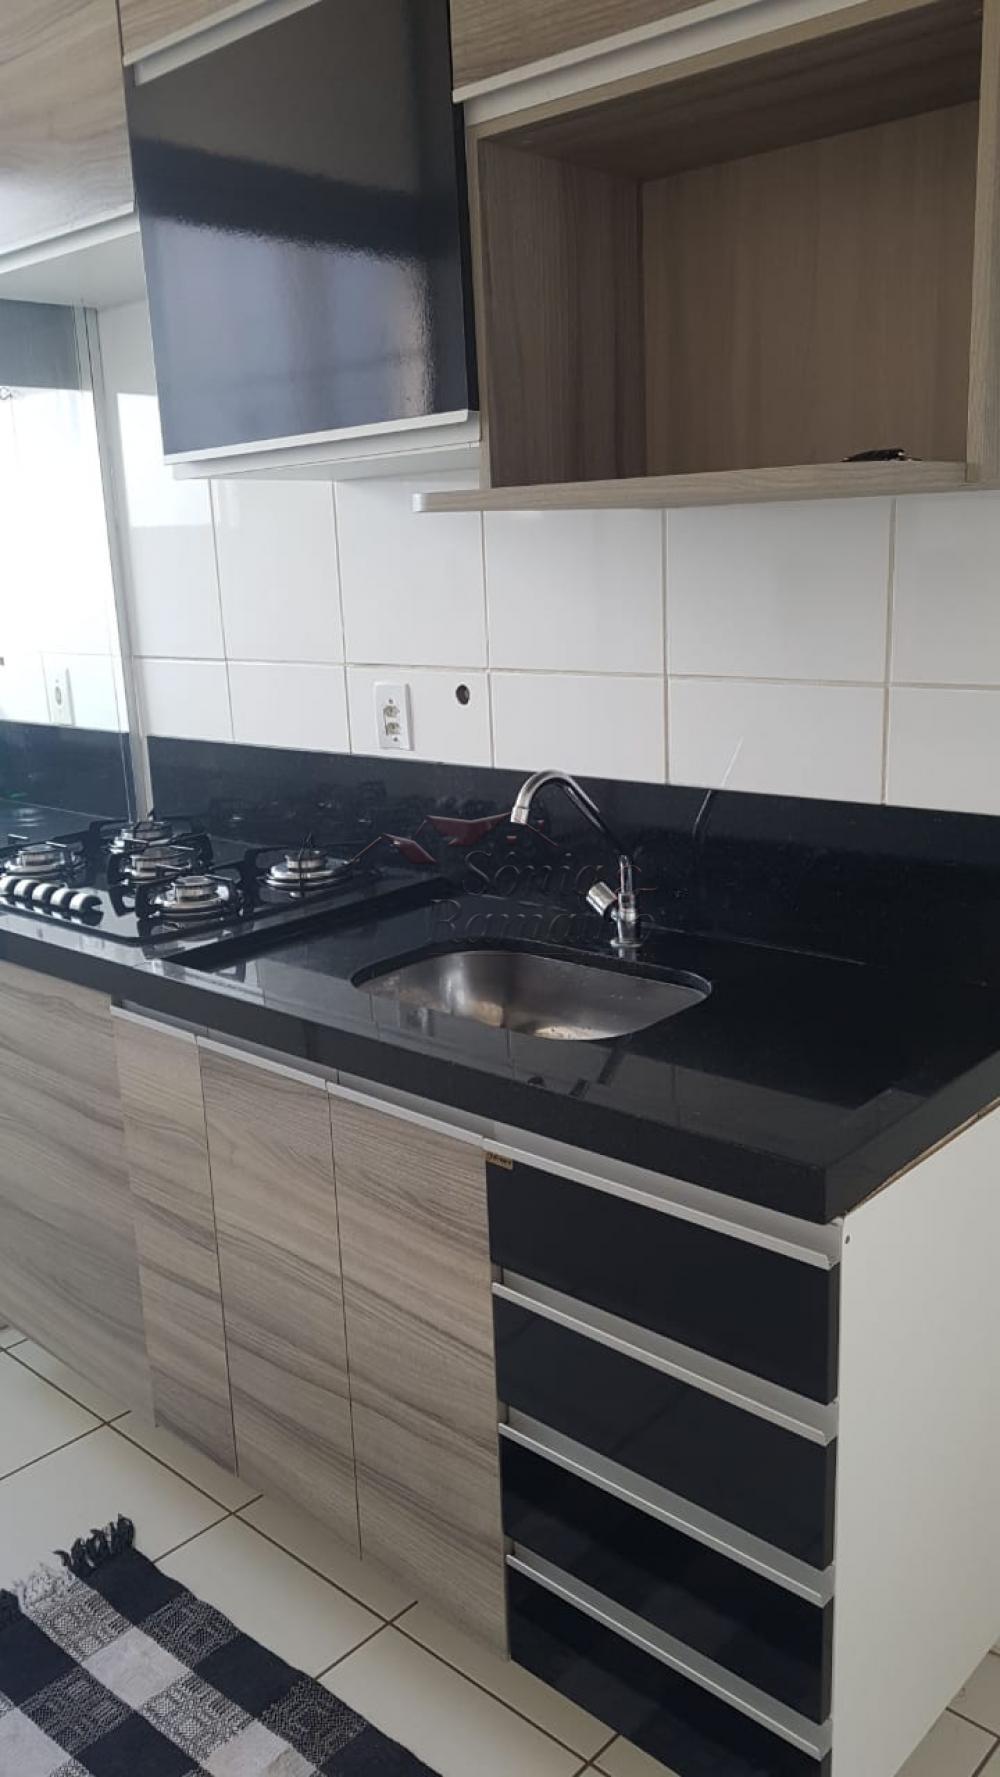 Alugar Apartamentos / Padrão em Ribeirão Preto apenas R$ 1.150,00 - Foto 7